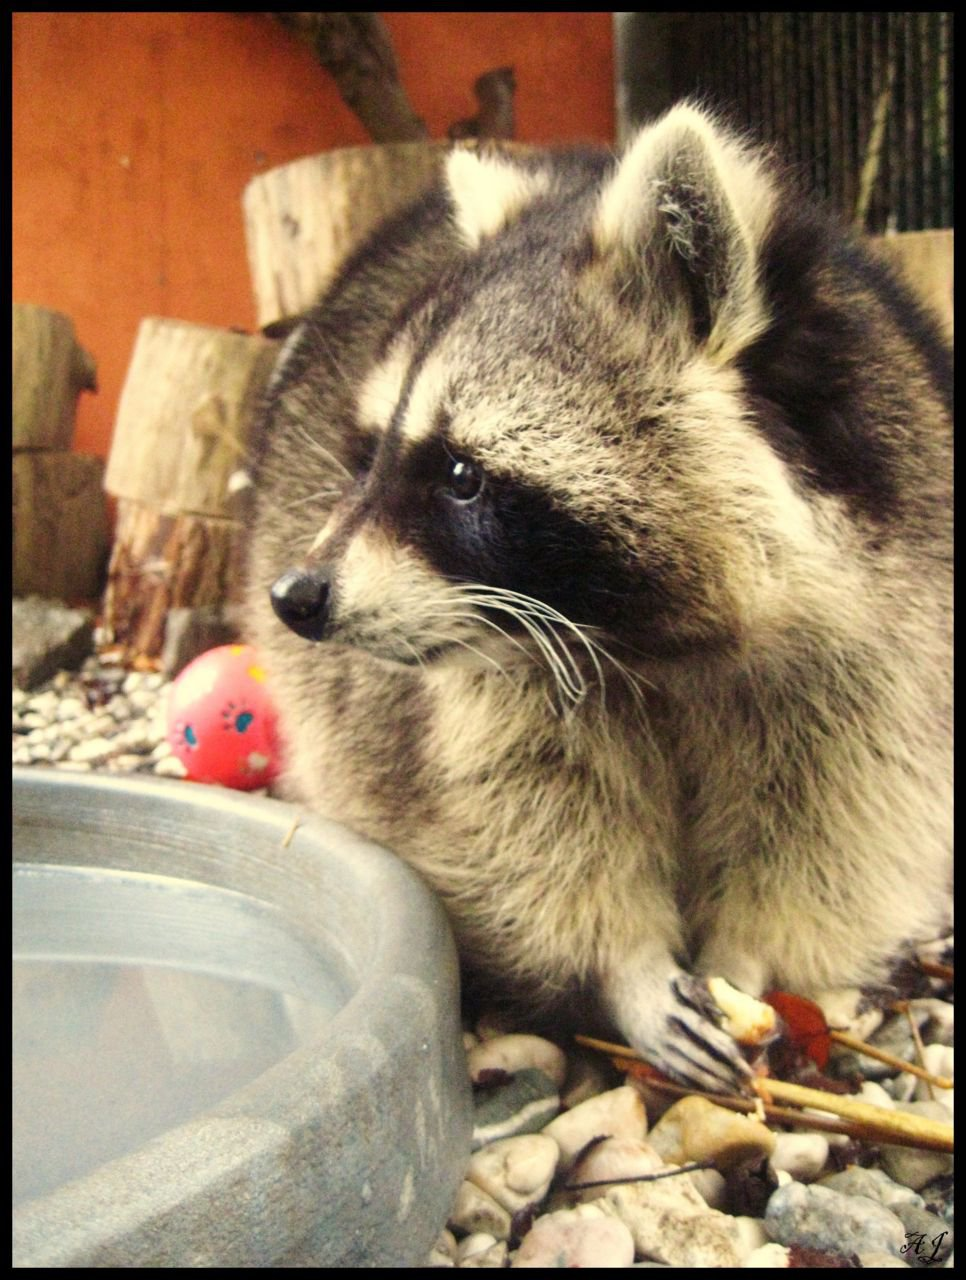 Hoewel het verboden is om zonder vergunning wasberen te houden, zijn ze toch vrij populair als huisdier. (foto: Annelies Janssens)